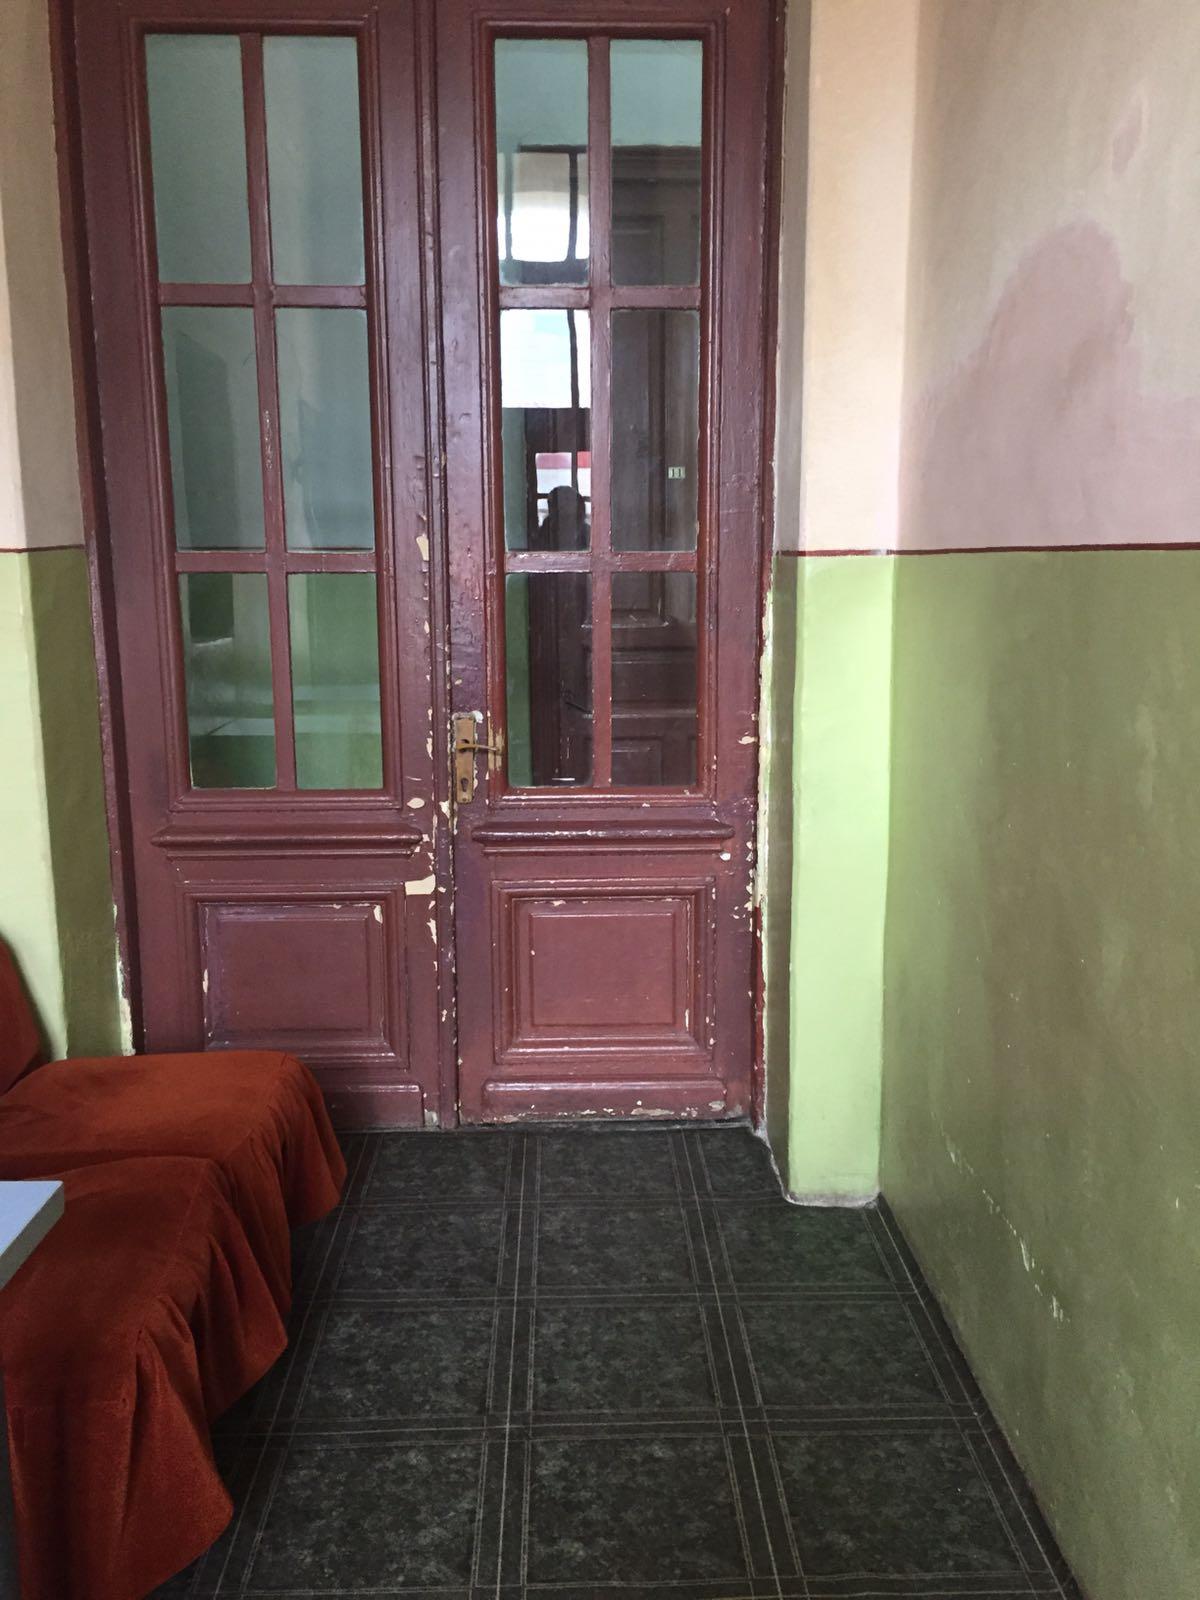 Ușa din spatele clădirii de patrimoniu, cu acces în curtea din spate. Este o ușă de școală europeană, reprezentativă pentru puturoșenia conducerii Colegiului, în care Anamaria Ciobotaru este cea dintâi și unica prof. asistent univ. Doctor